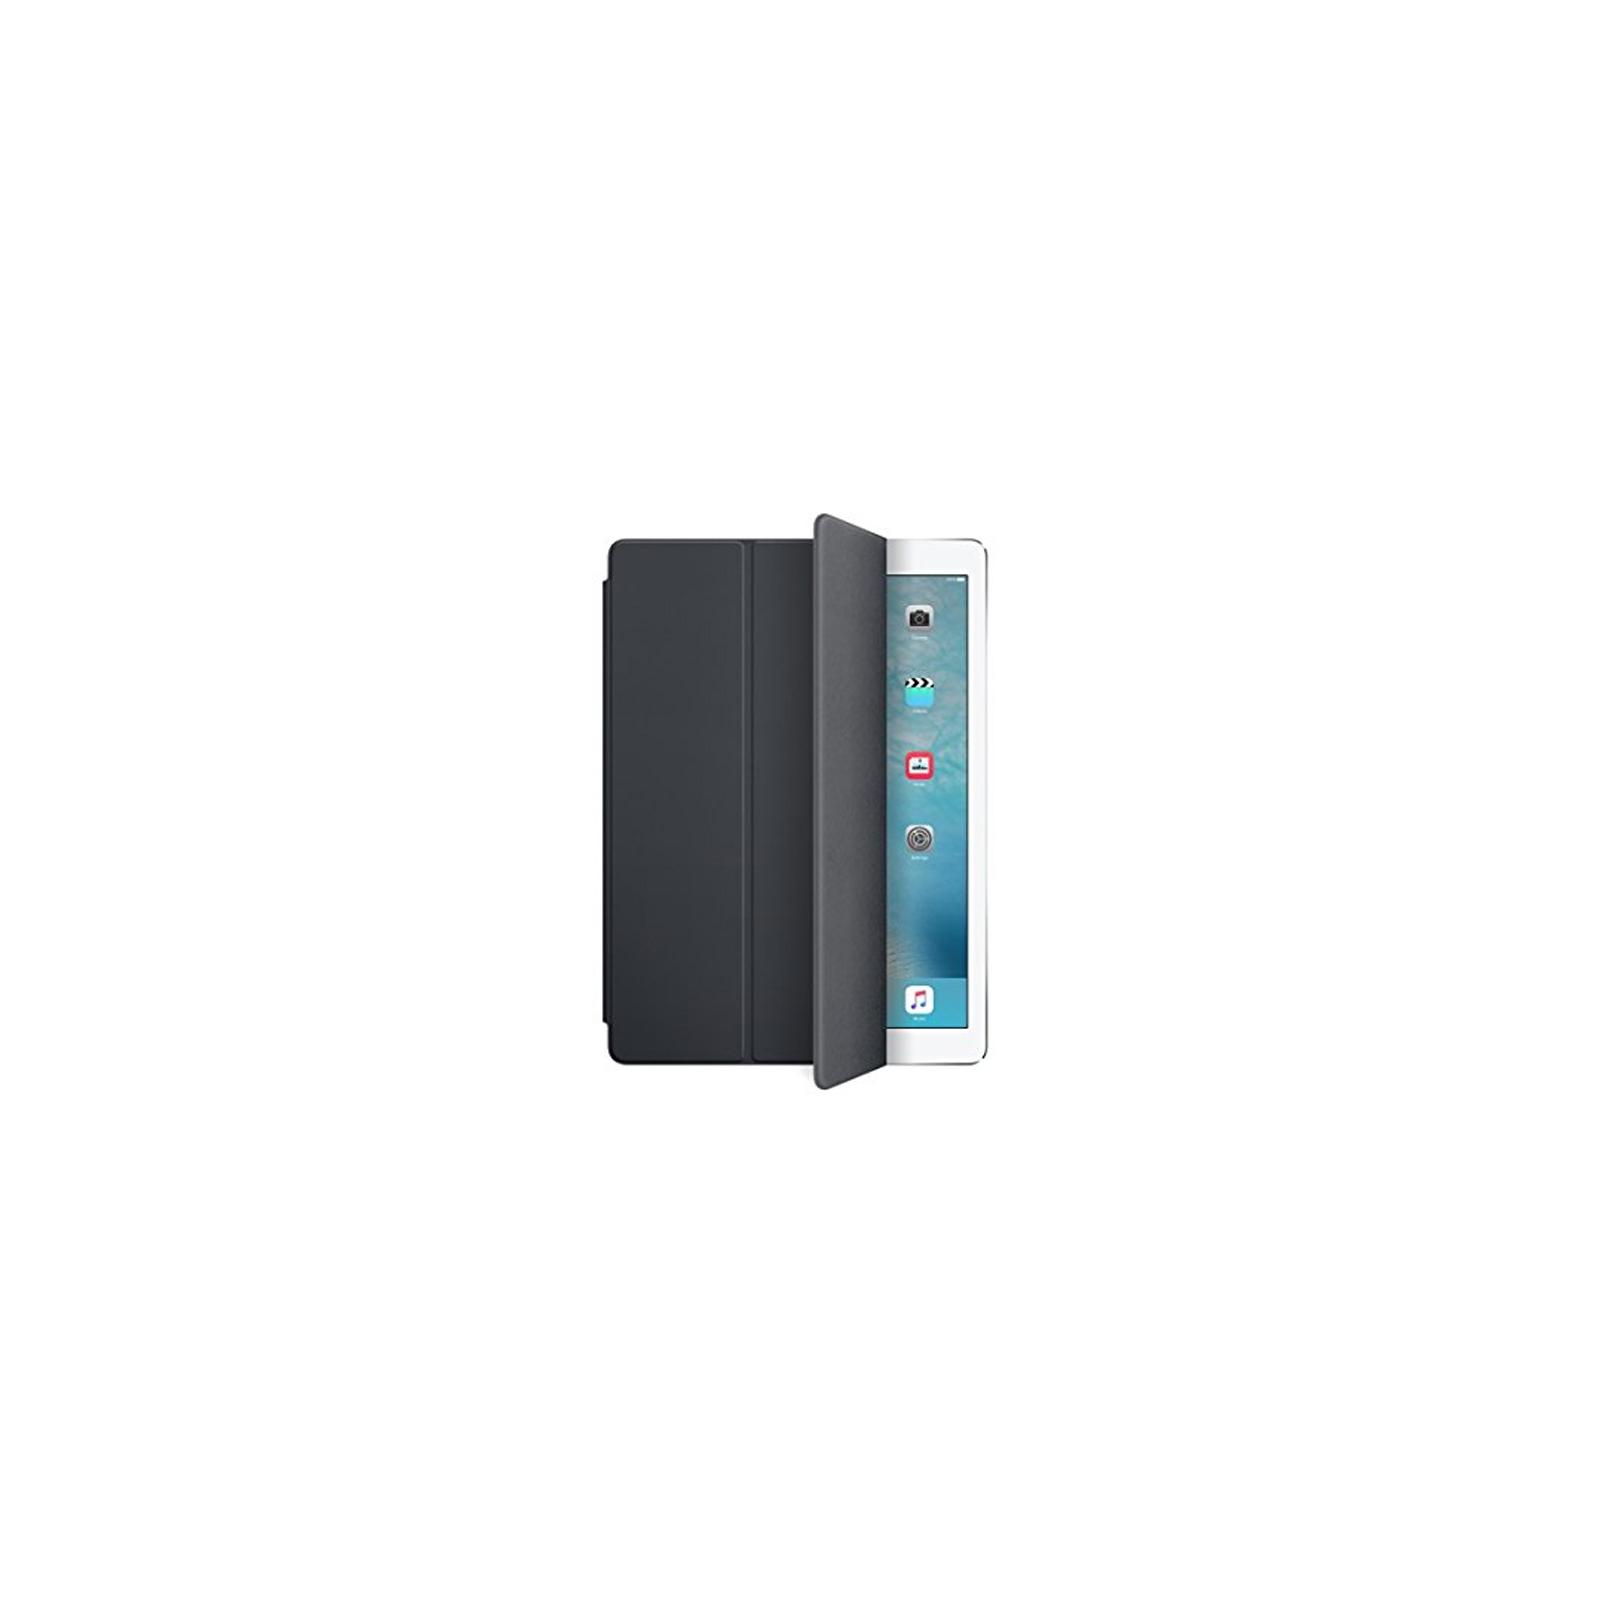 Чехол для планшета Apple Smart Cover для iPad Pro Charcoal Gray (MK0L2ZM/A) изображение 3